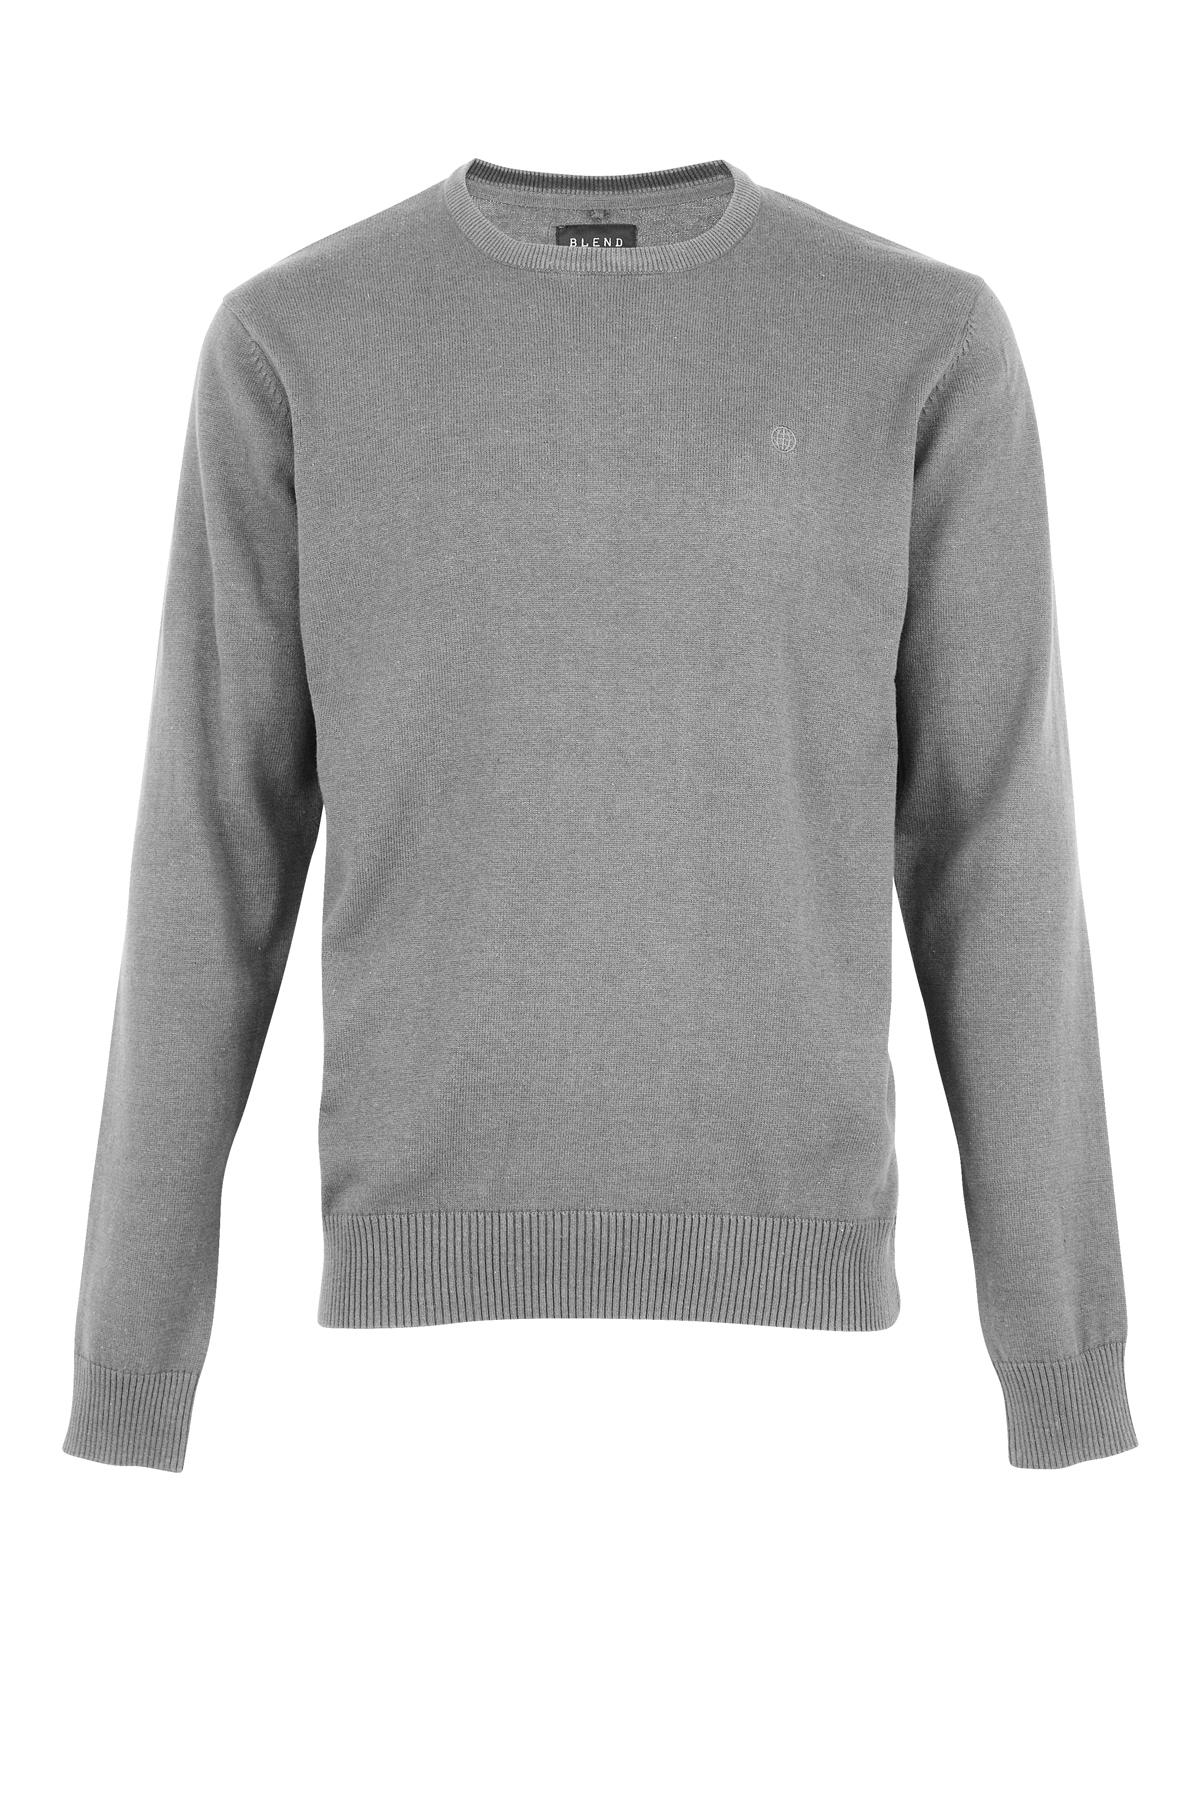 Zink mix Knitted pullover fra Blend He – Køb Zink mix Knitted pullover fra str. S-XXL her